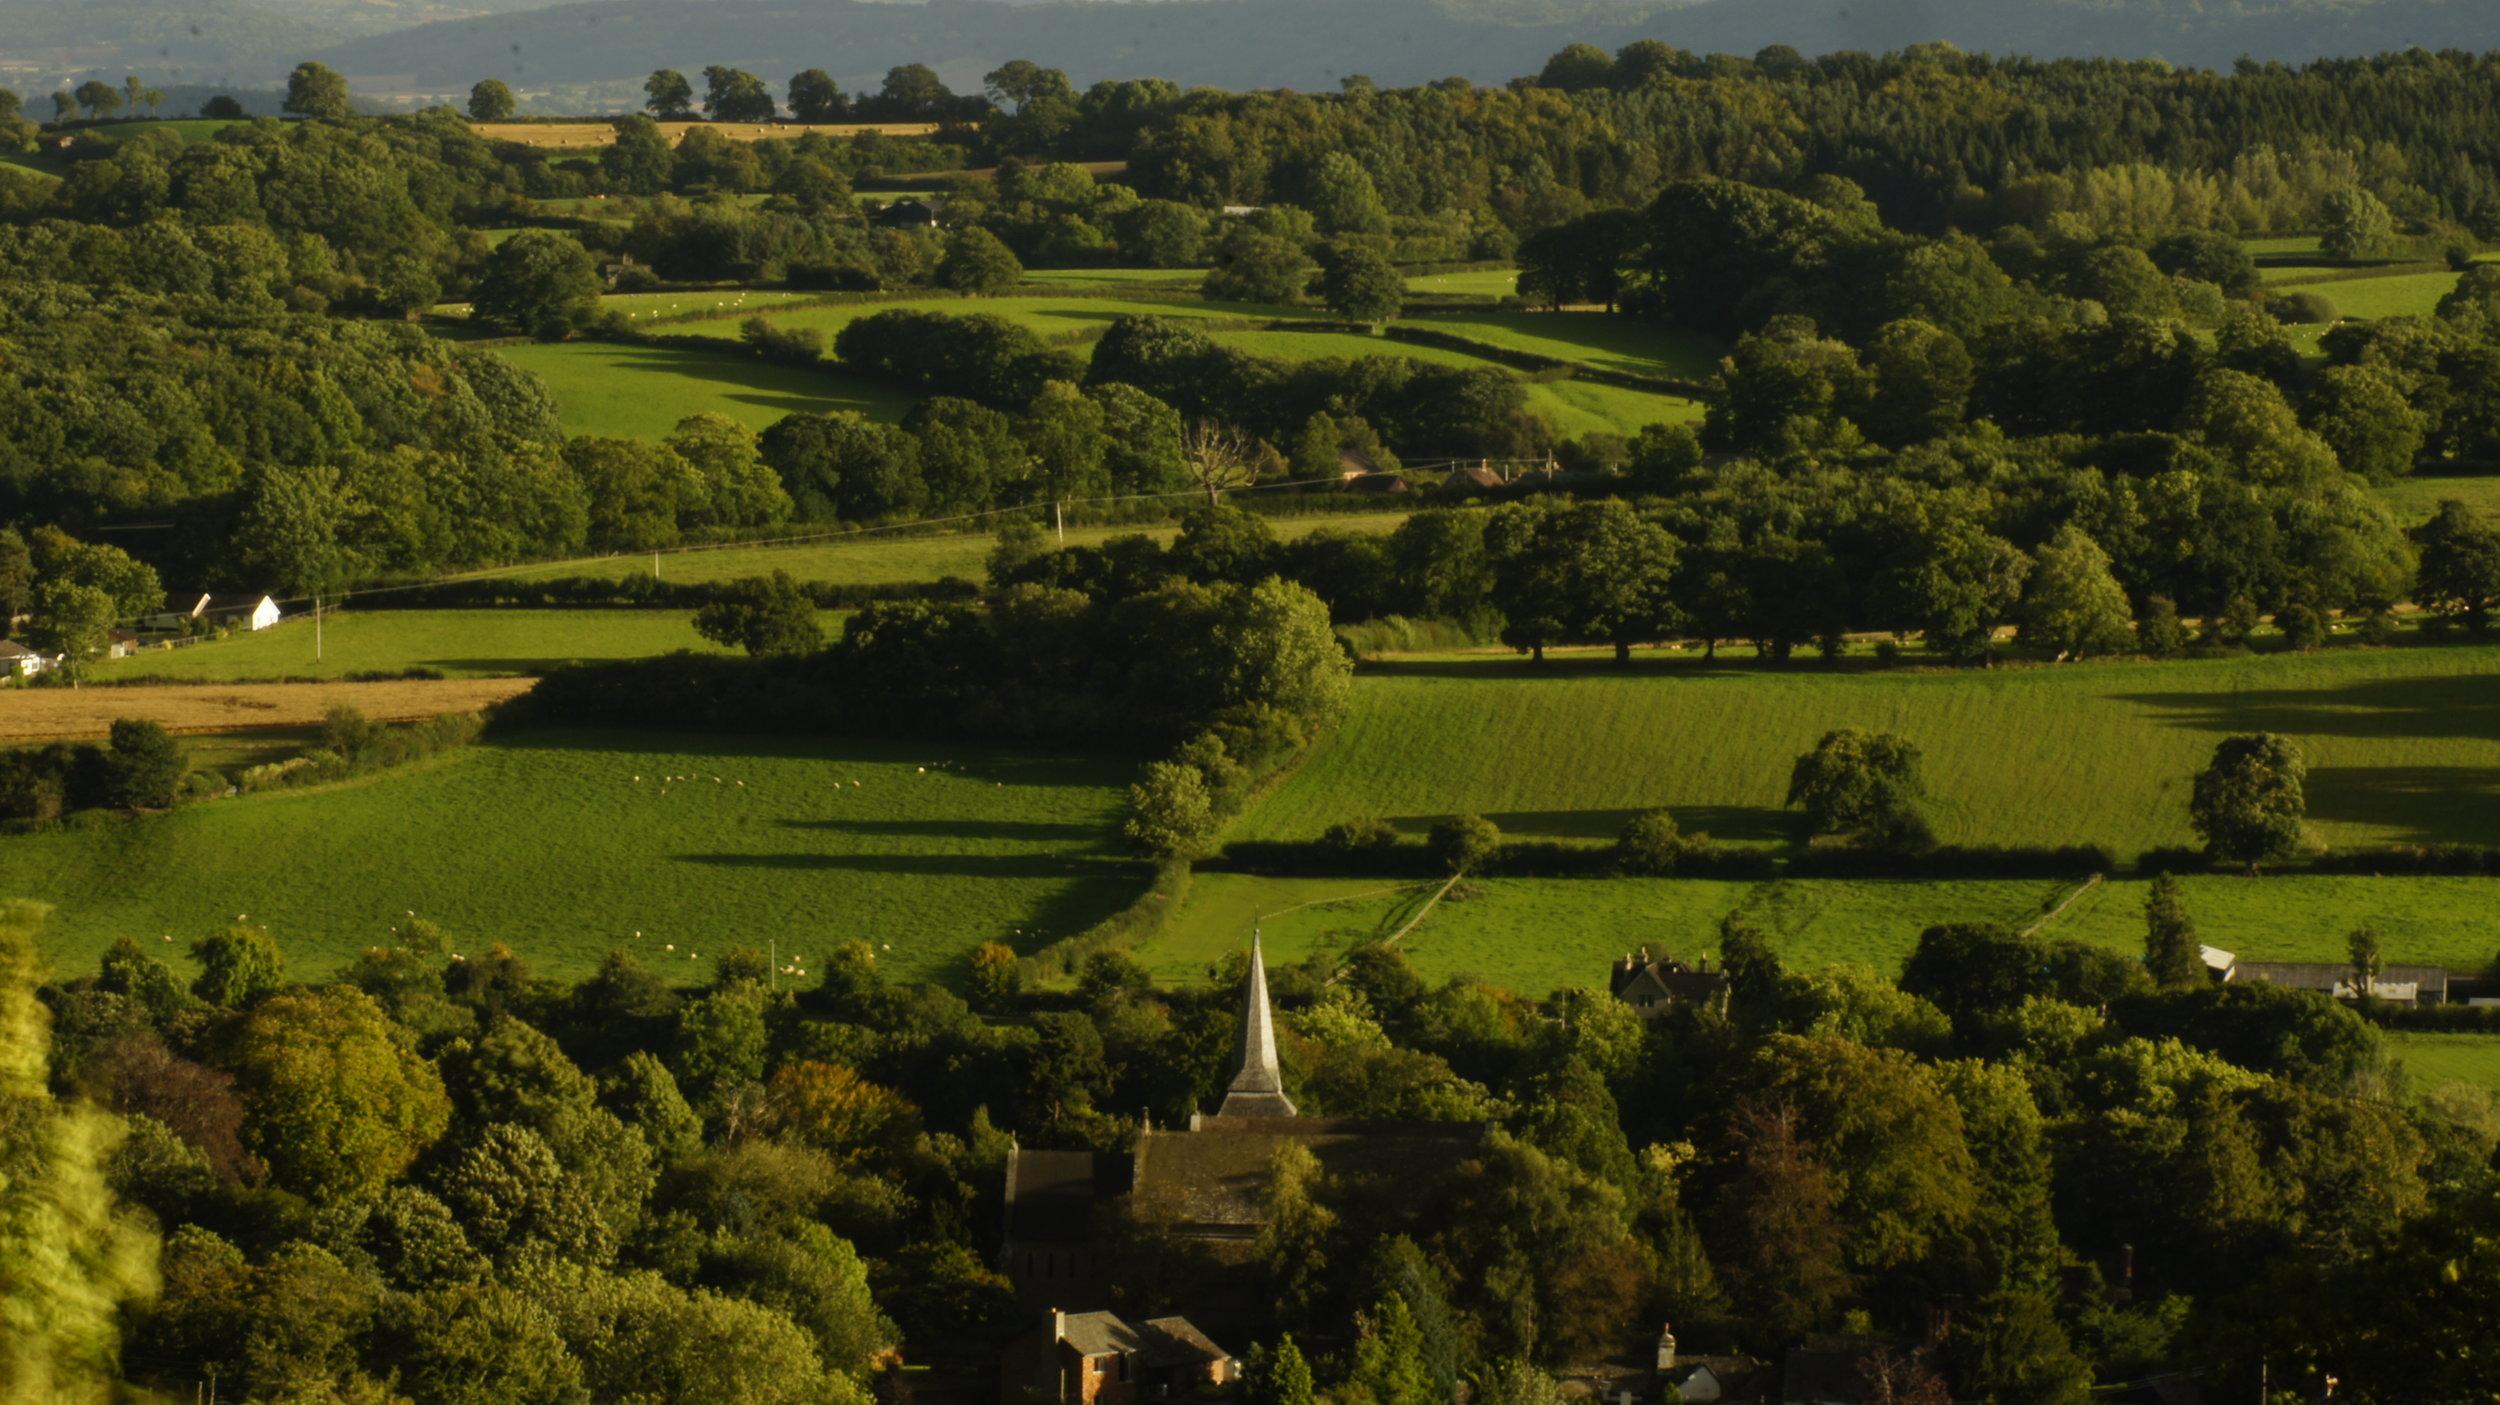 Kington St Mary's Bradnor Views 16-9-16 0248.JPG